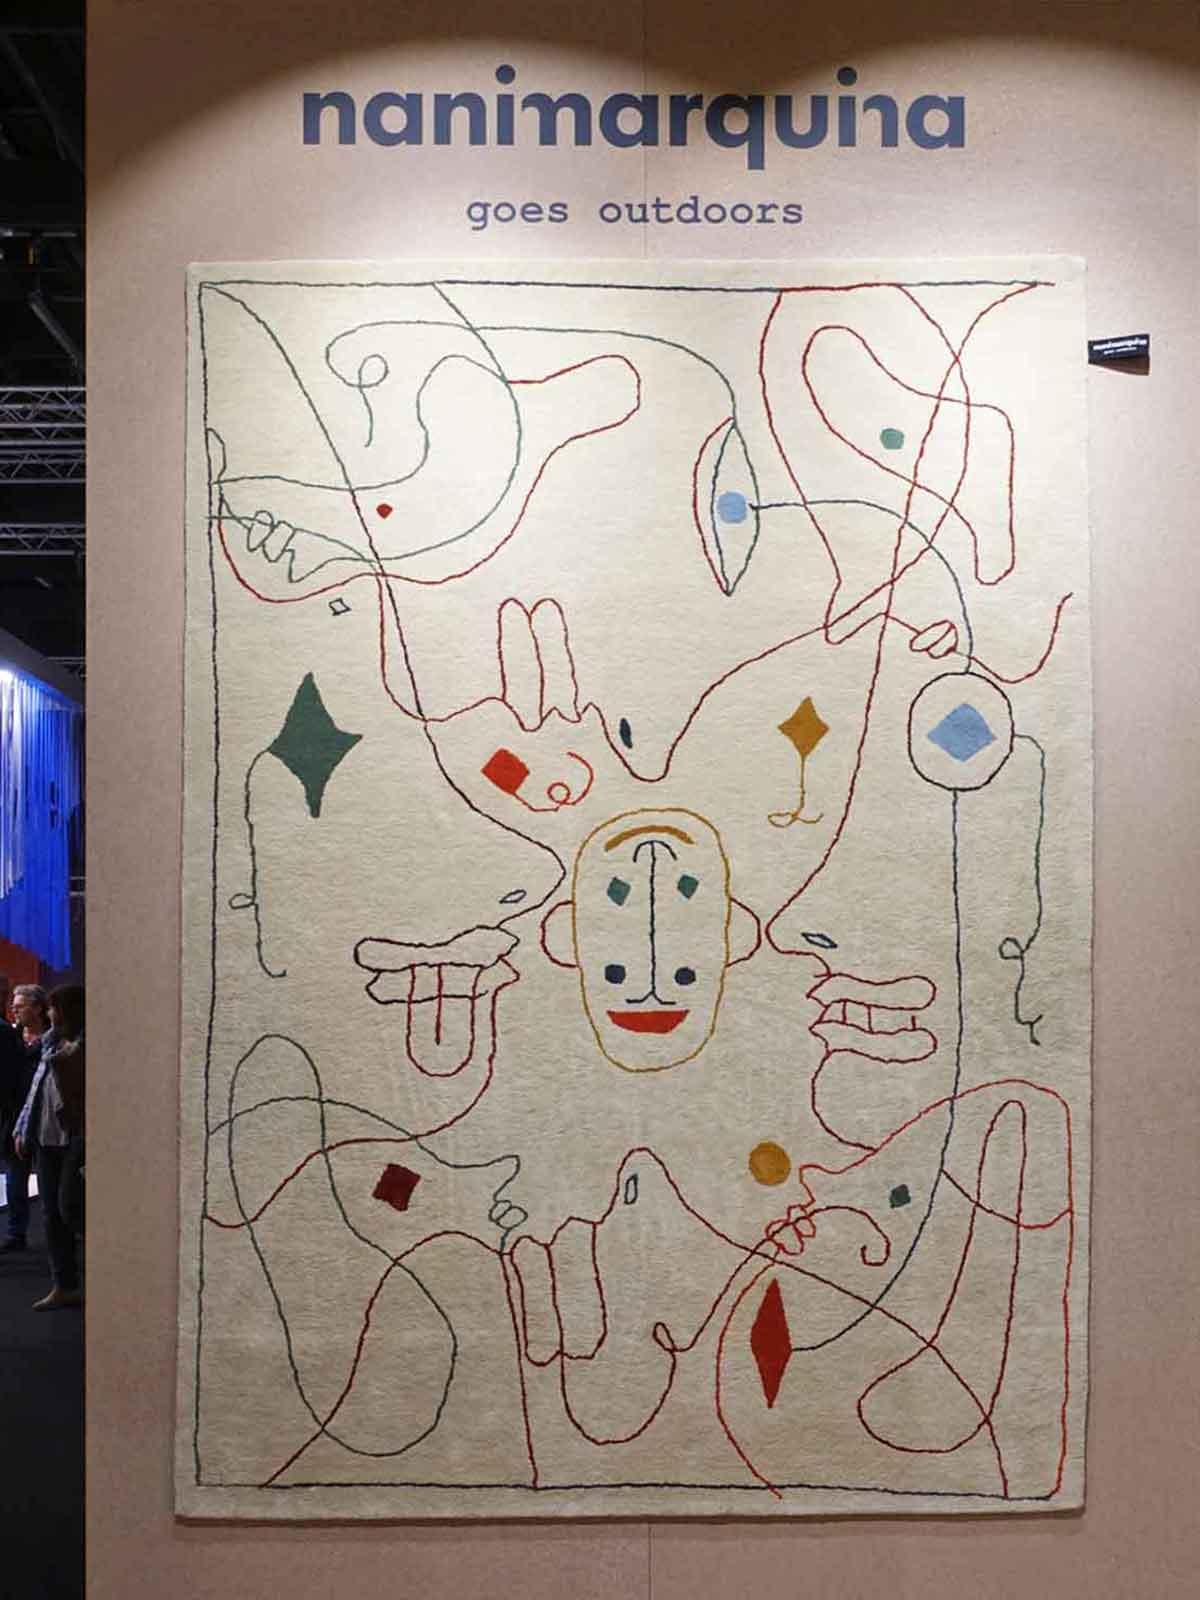 Künstlerisch bemalter Teppich von Nanimarquina am Messestand der IMM Cologne